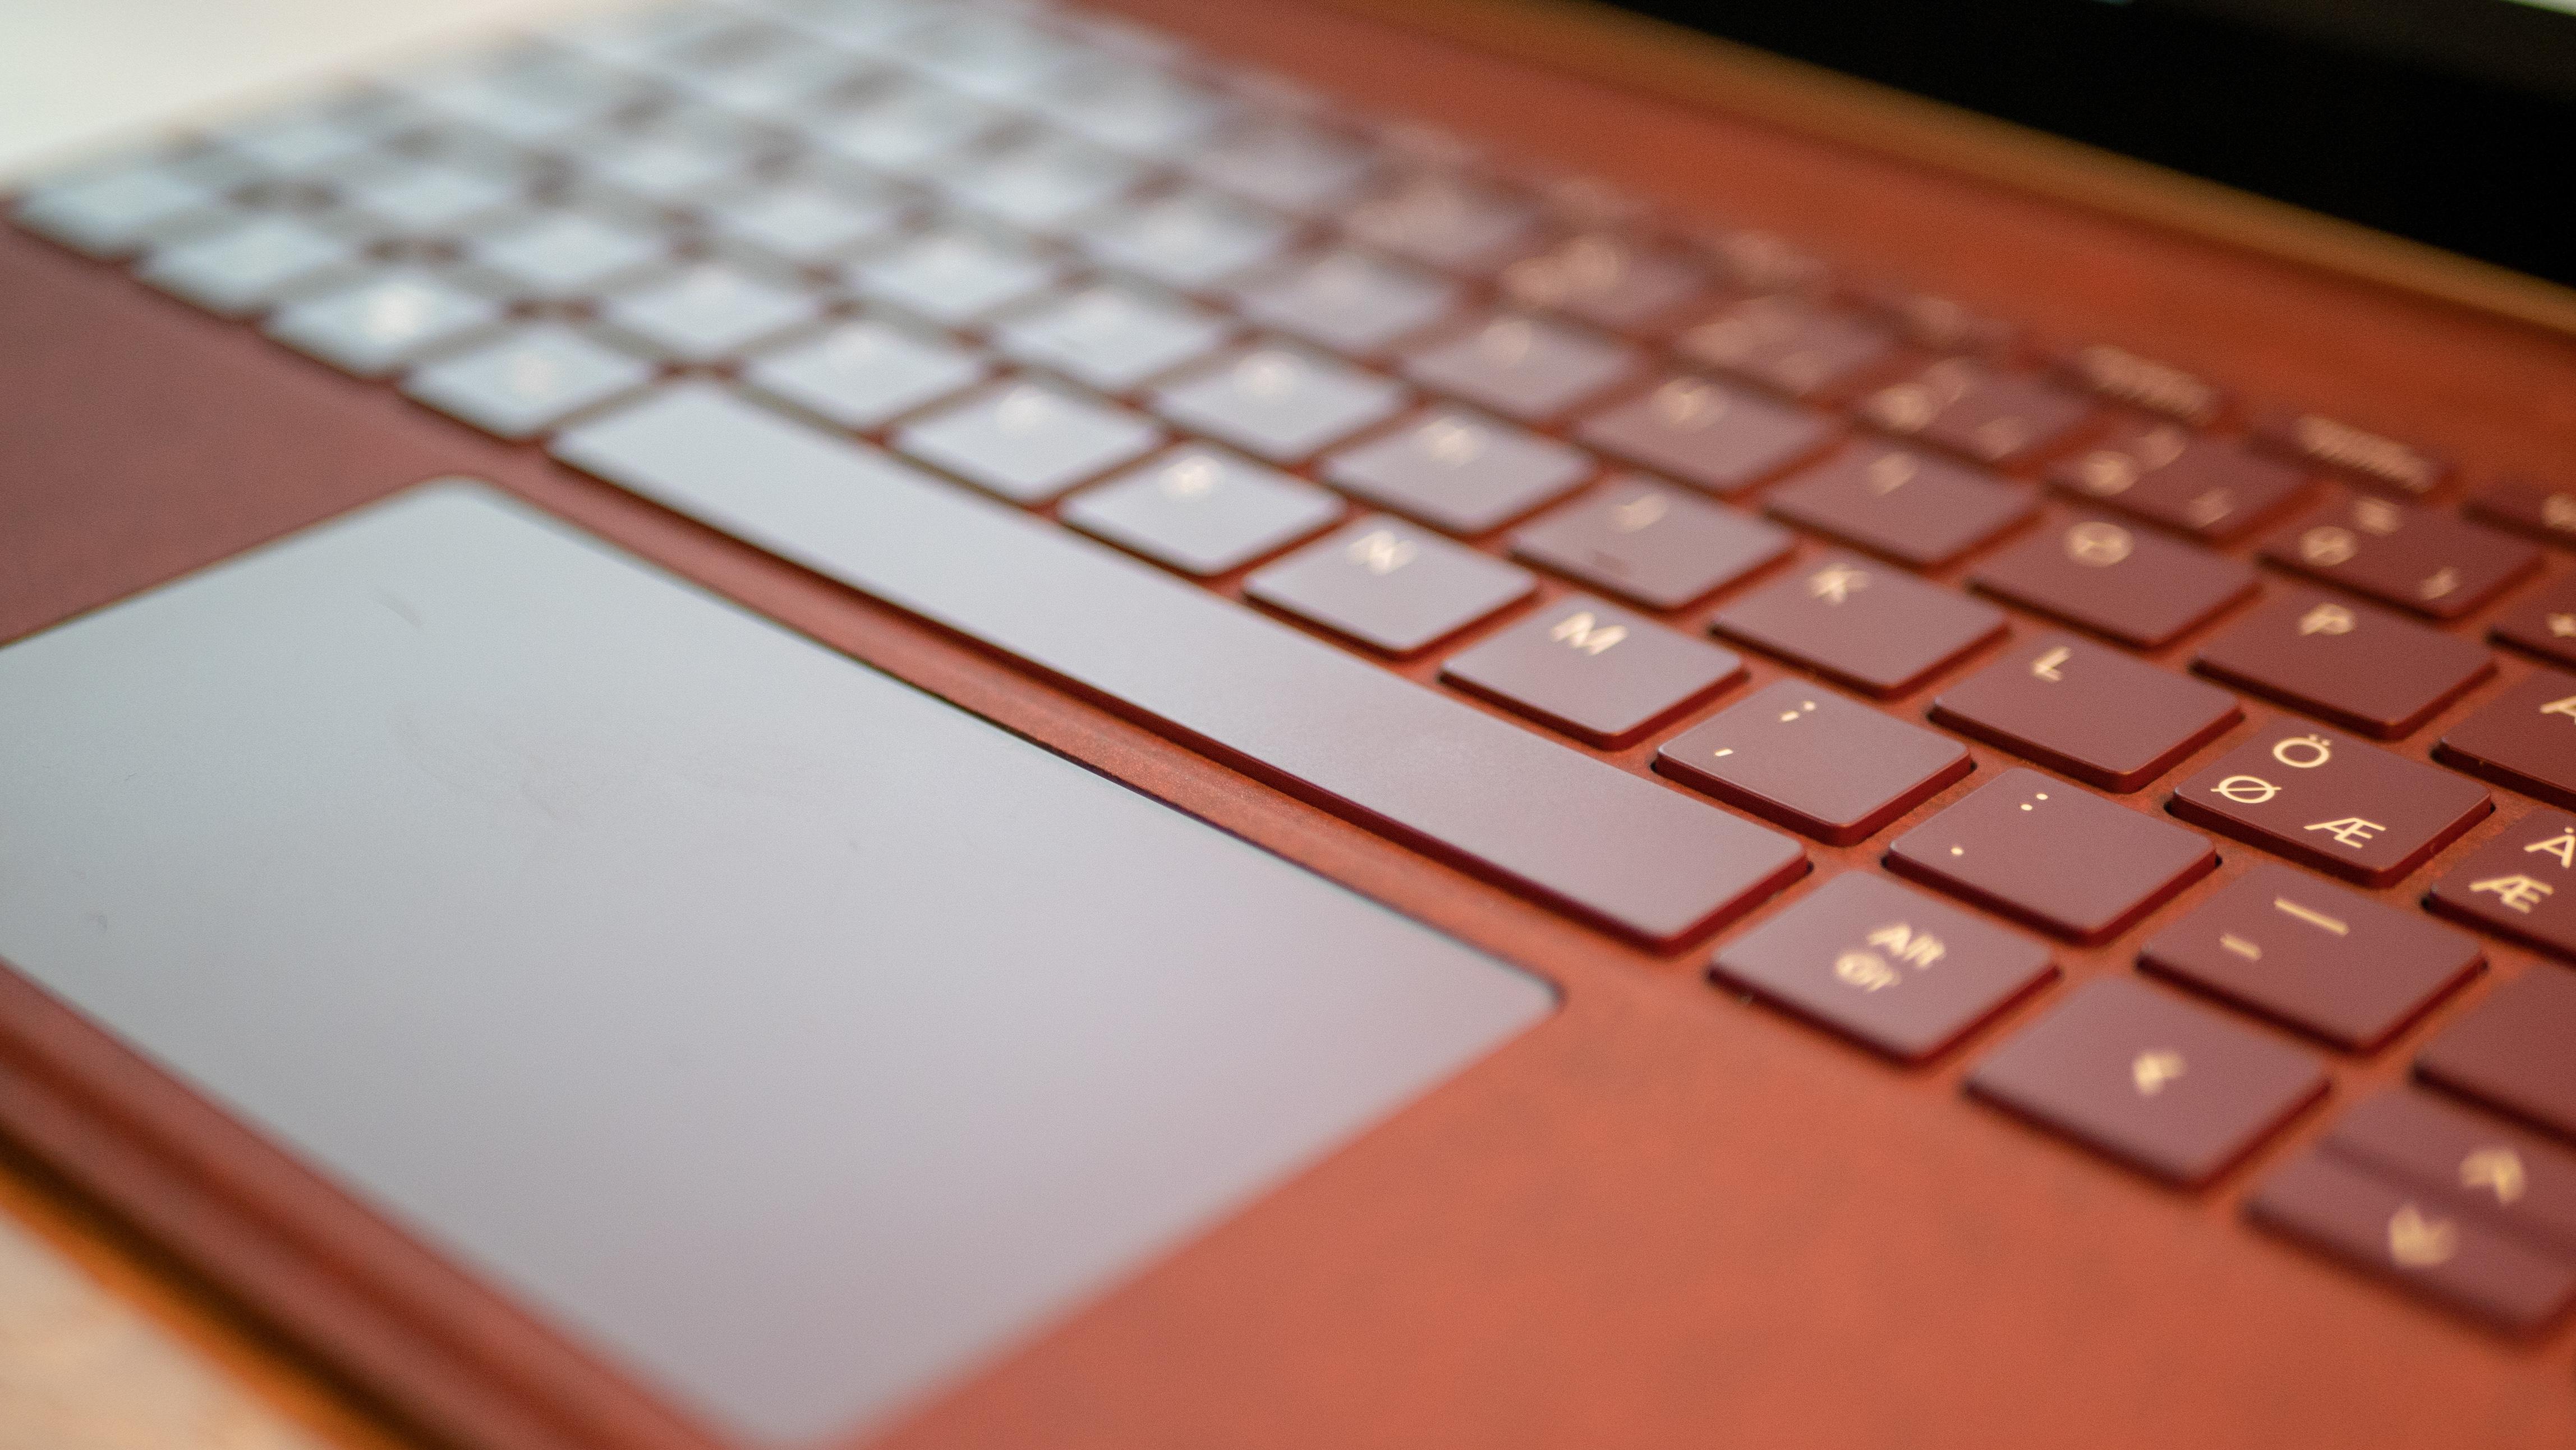 Tastaturet, tross størrelsen, er helt fabelaktig å skrive på.